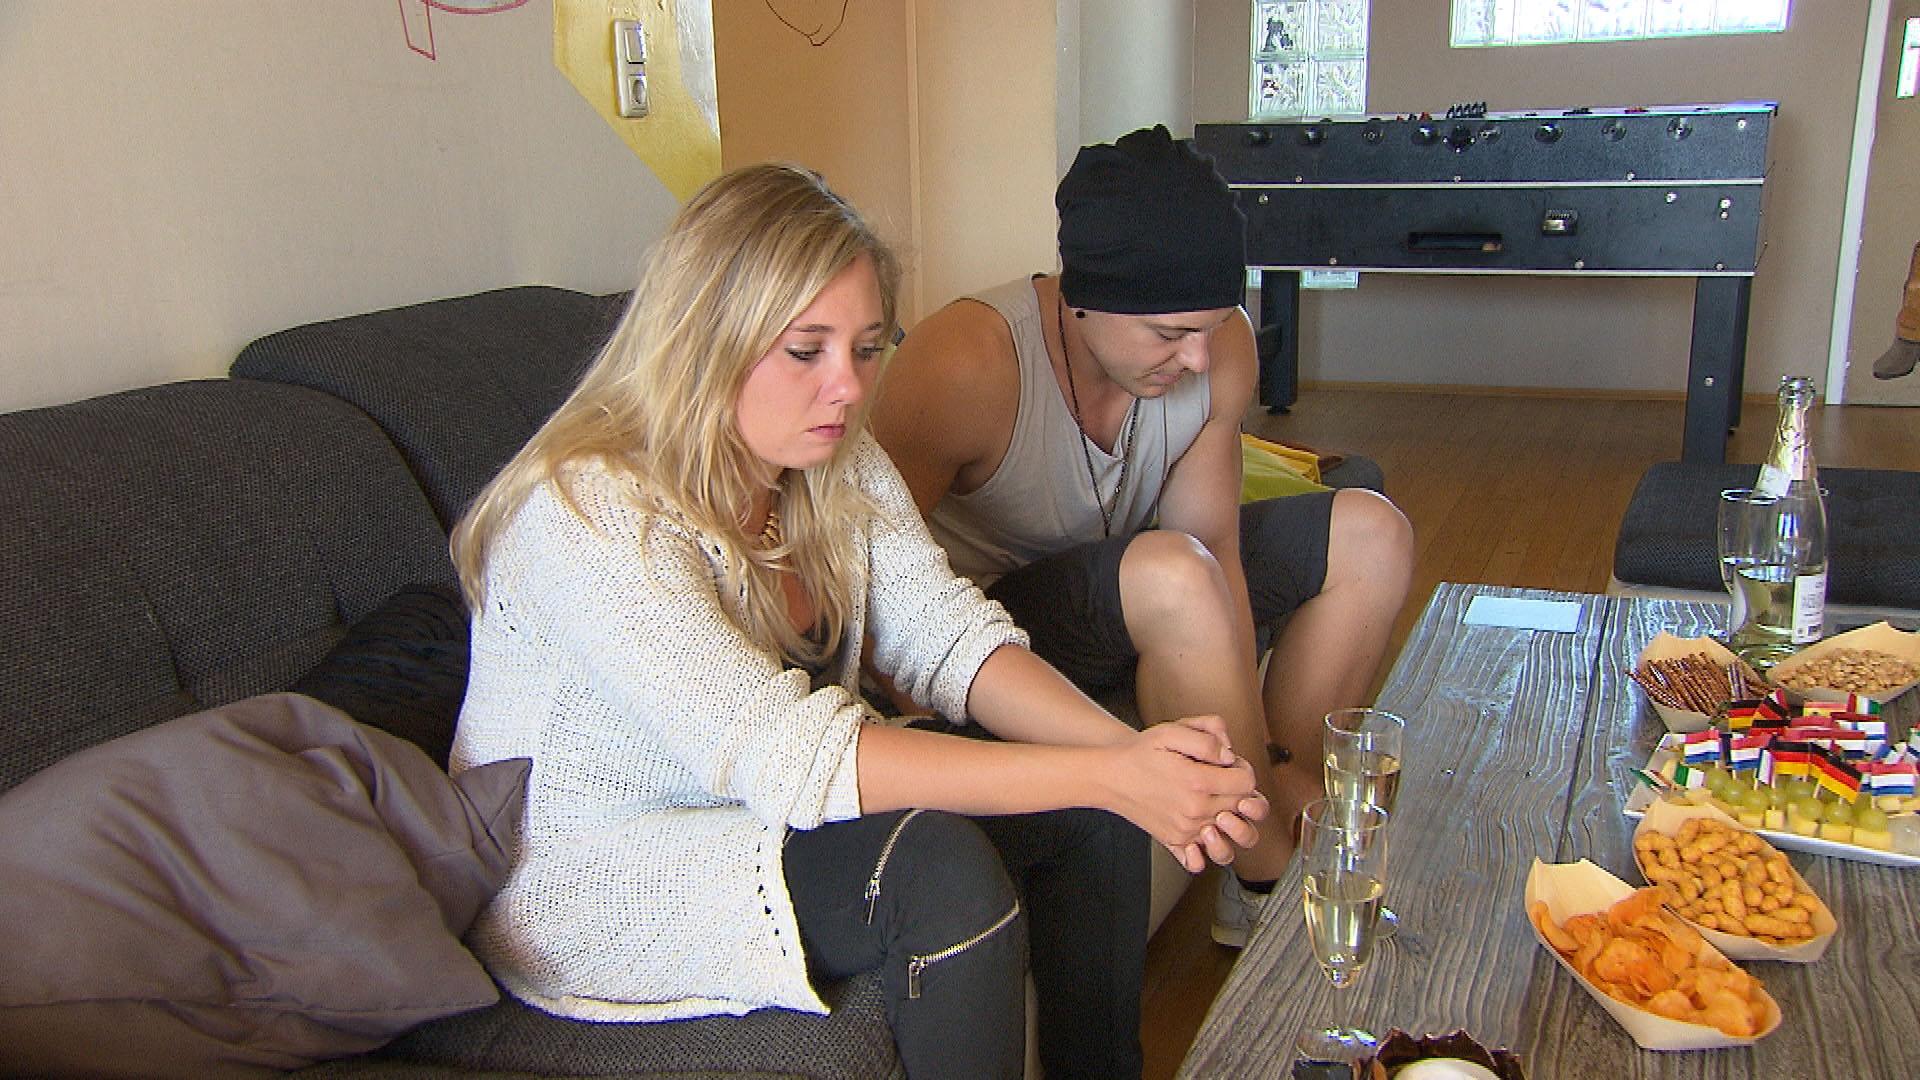 Chantal,li. überrumpelt Kevin,re. mit der Entscheidung, schon am Abend zu (Anna) nach Kambodscha zu fliegen. (Quelle: RTL 2)